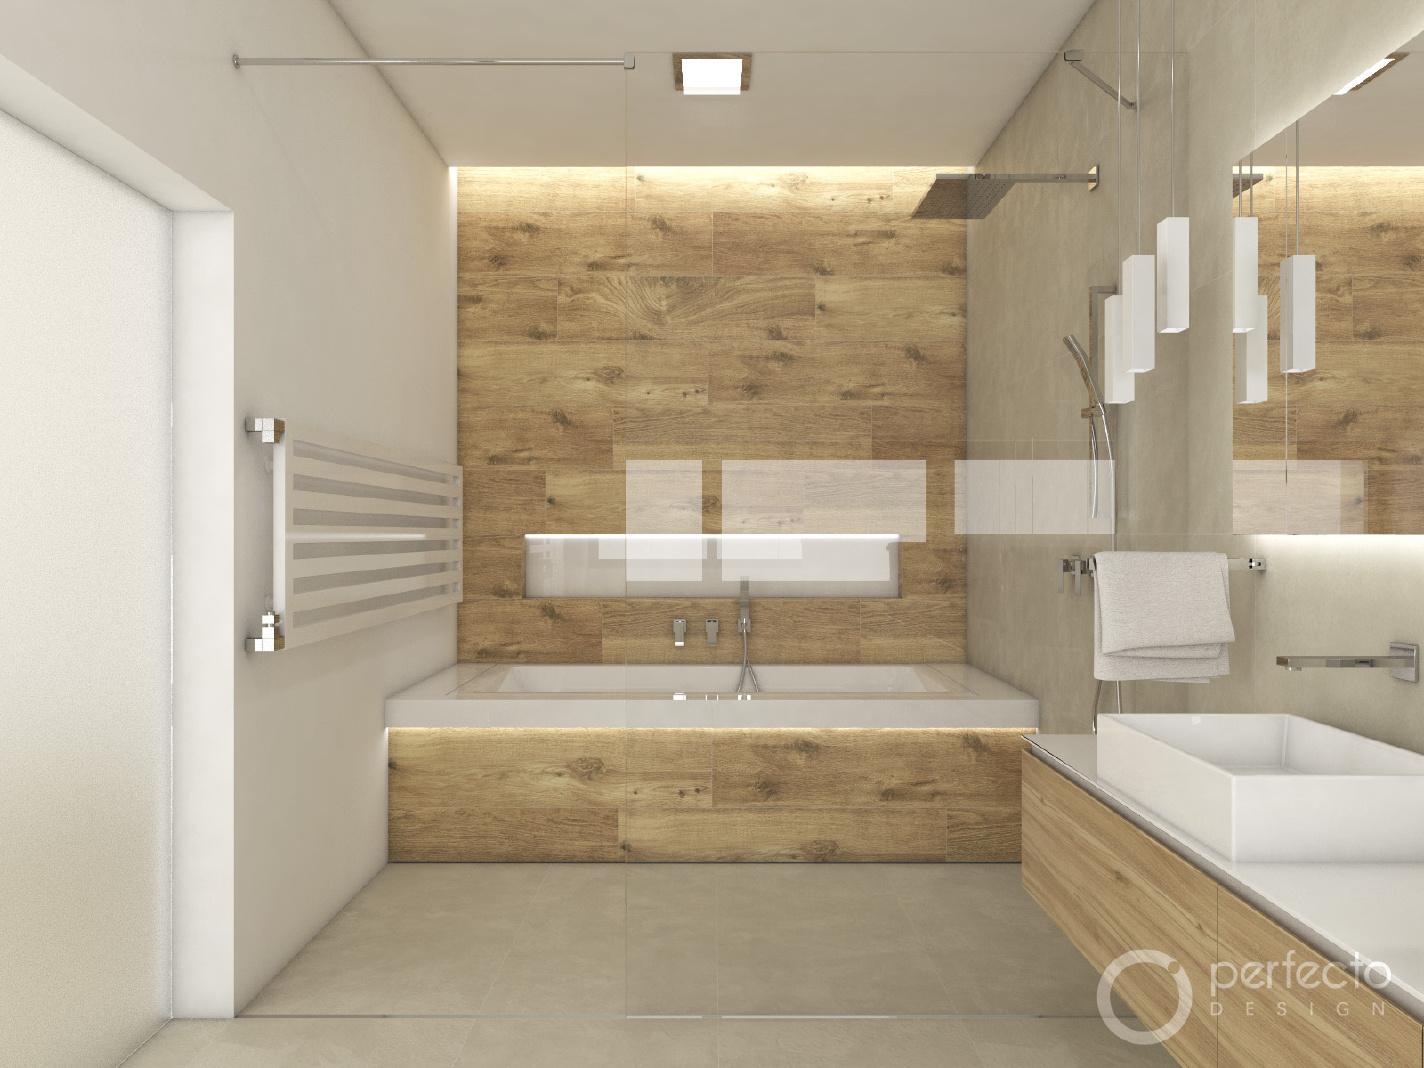 Badezimmer marken for Badezimmer design hannover